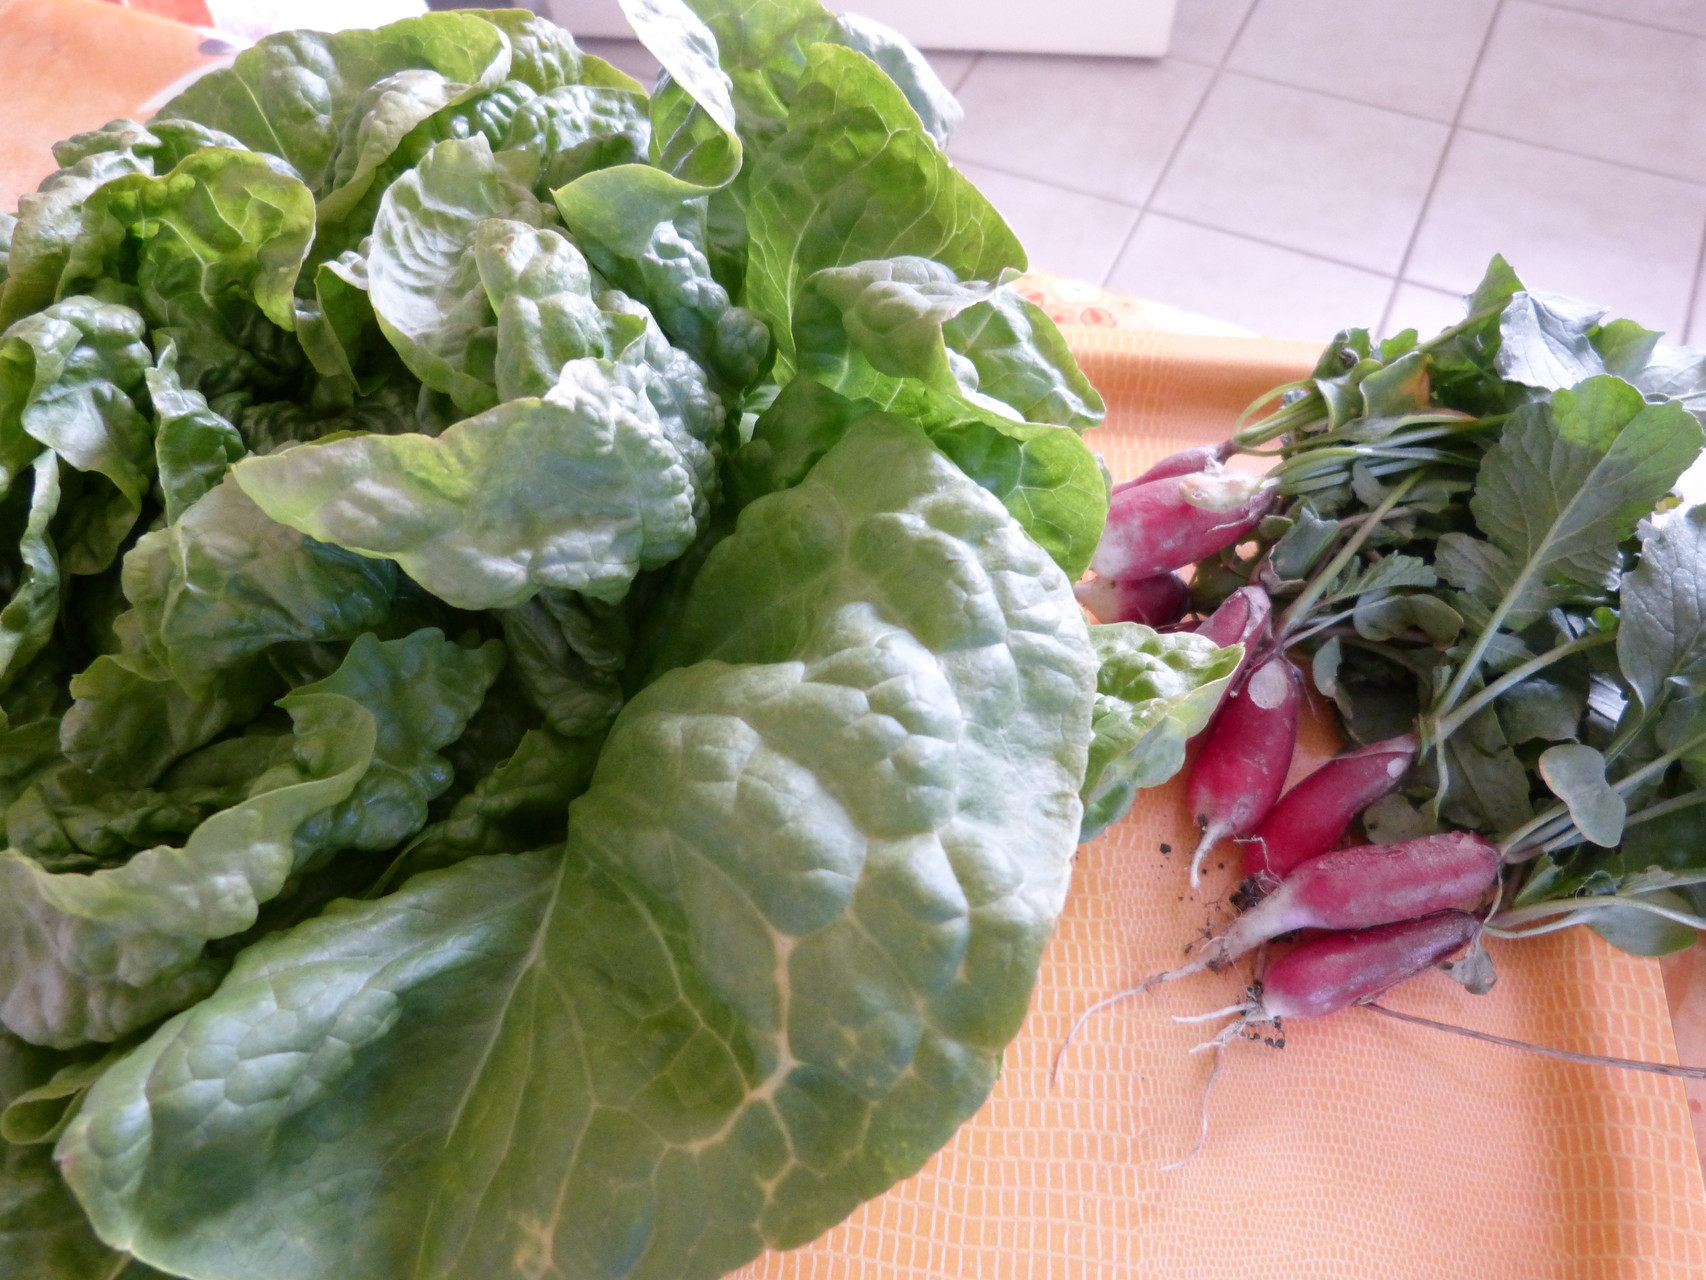 salade et radis à préparer printemps 2015